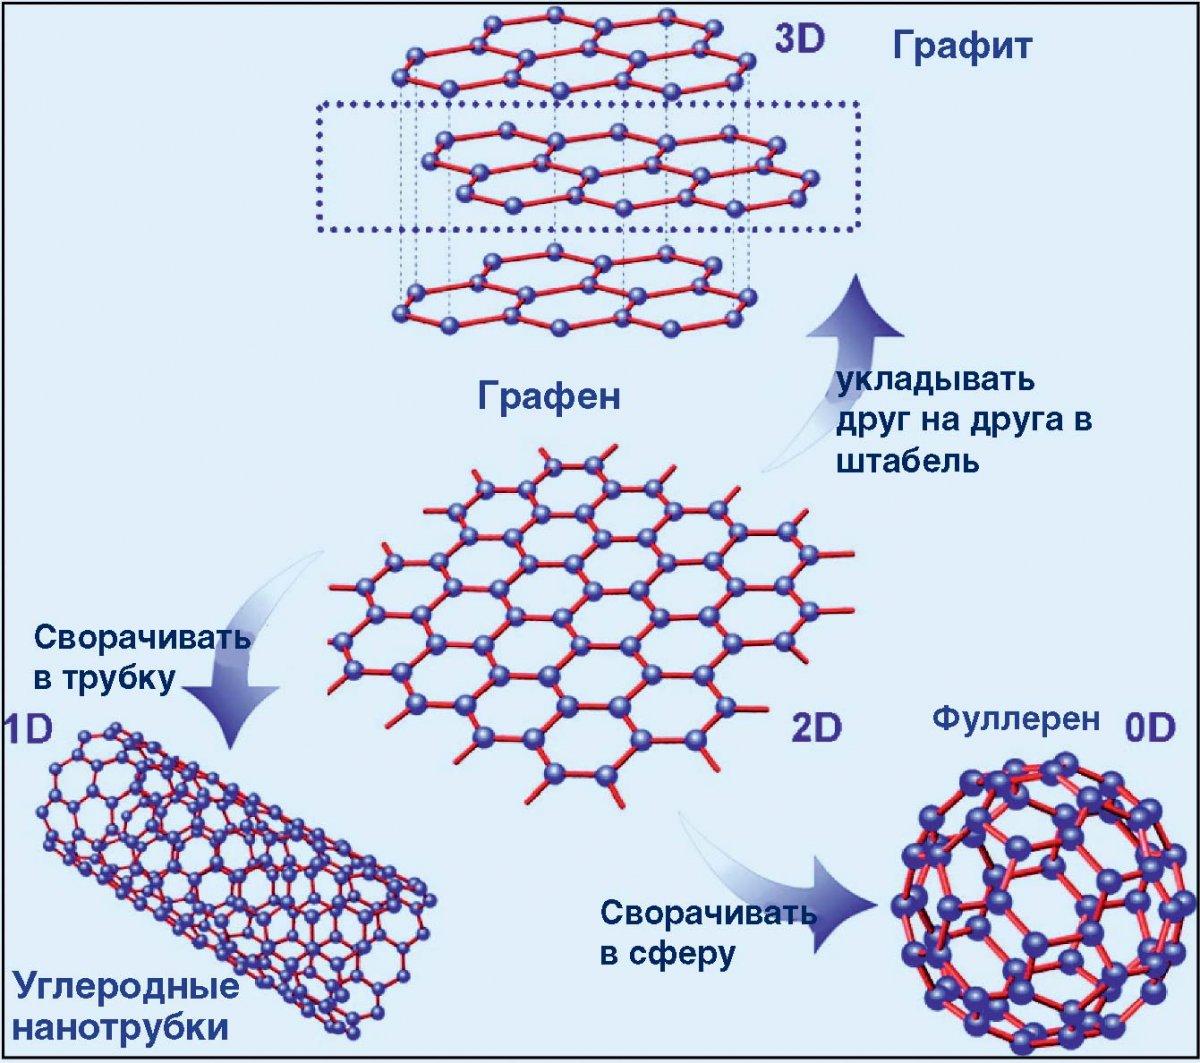 технология сворачивания оксида графена в сферу